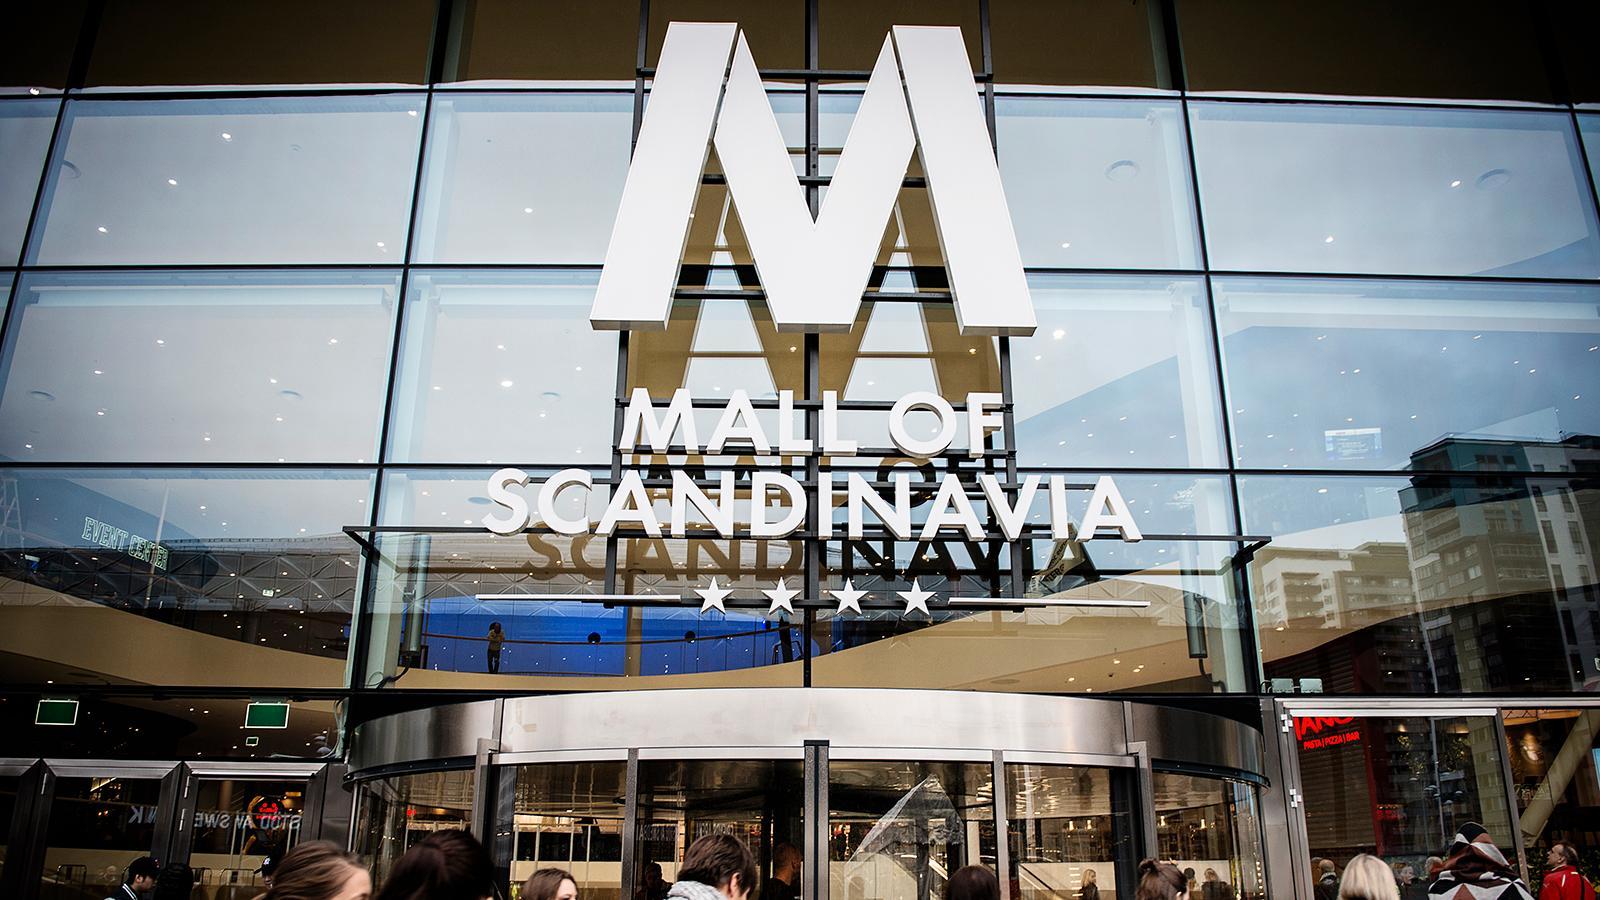 Jättegallerian Mall of Scandinavia, belägen intill Friends arena i Solna, Stockholm.